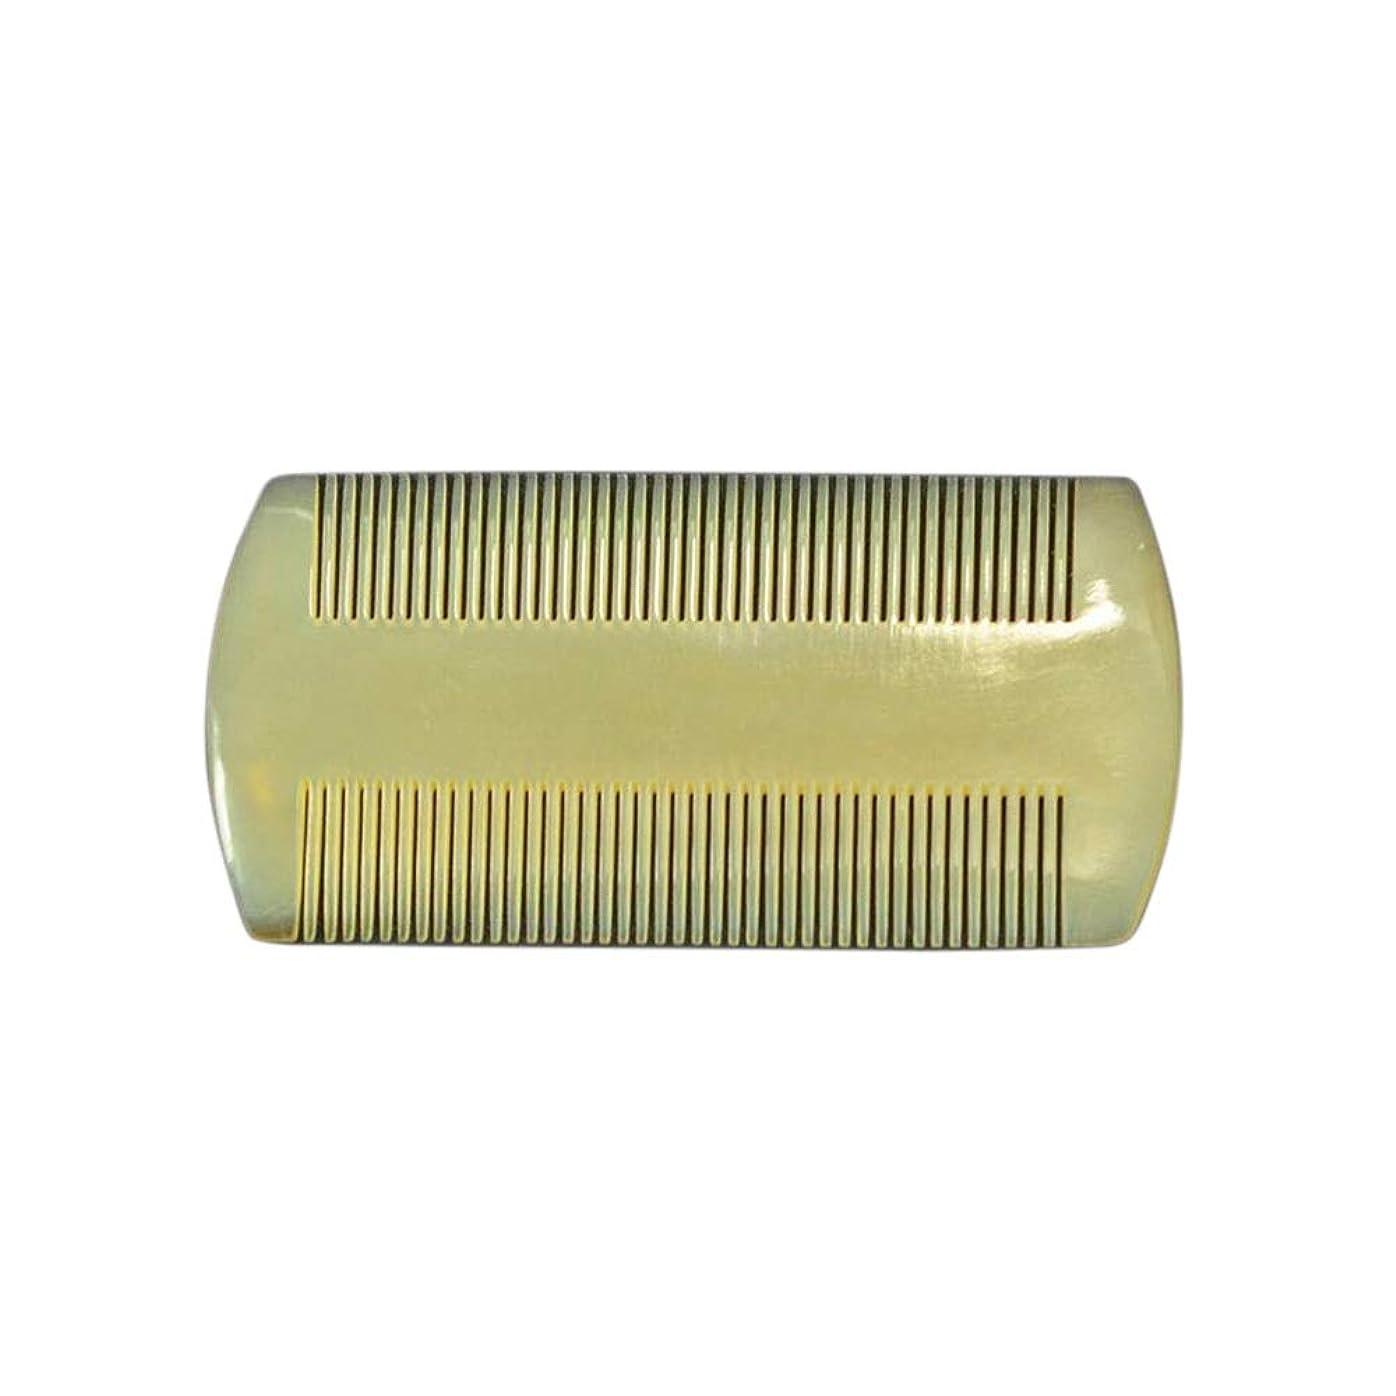 シャトル独裁バンクFashian天然羊コーナーくし - ファイン歯の複列の櫛帯電防止マッサージくし ヘアケア